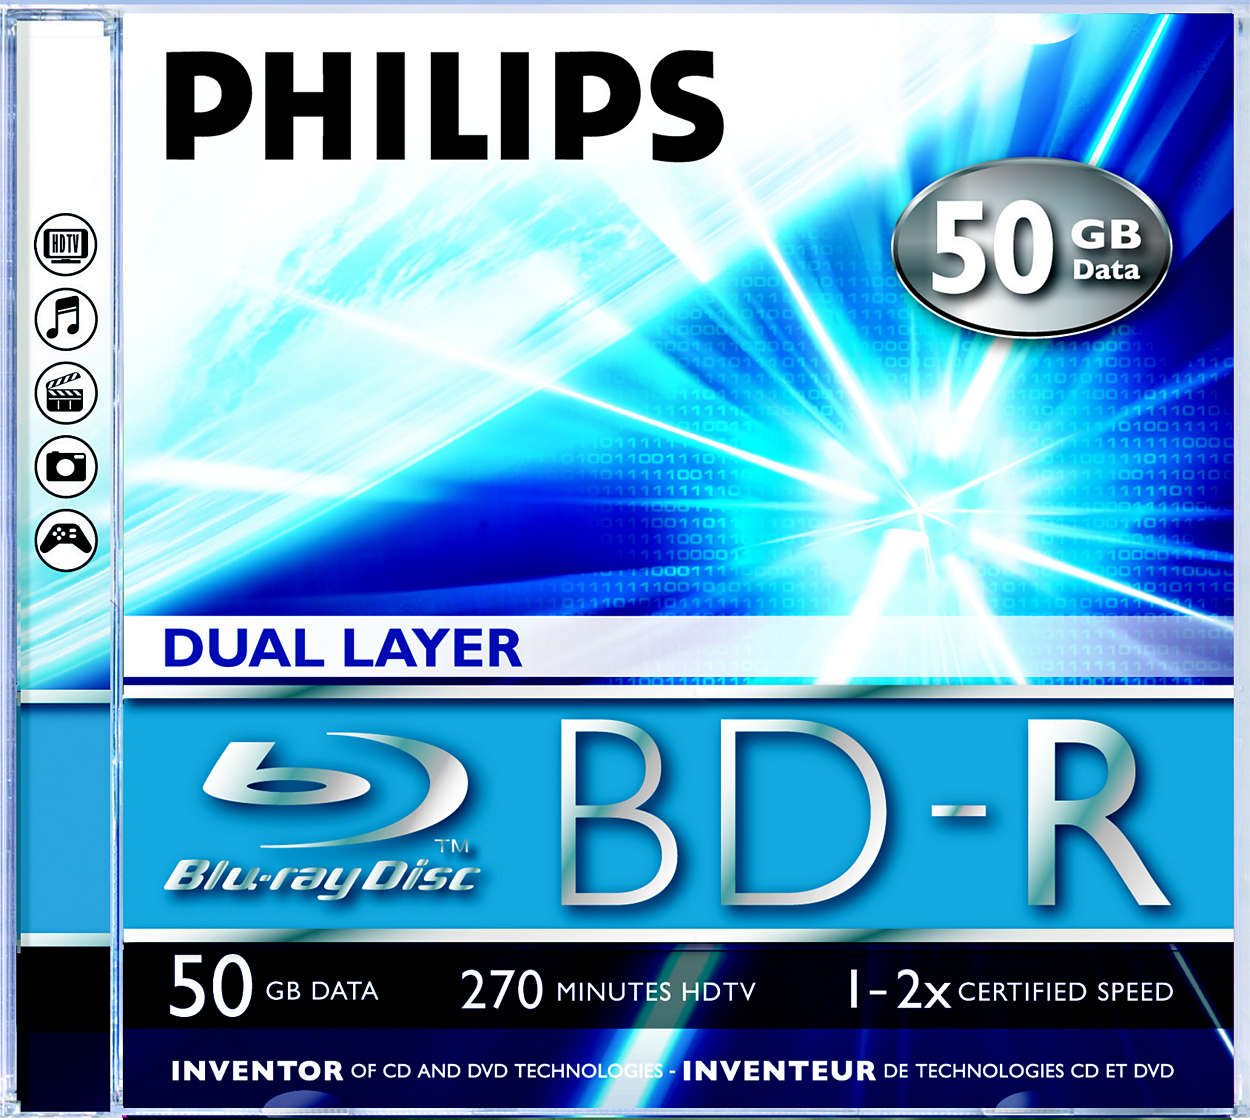 10x meer en beter dan DVD